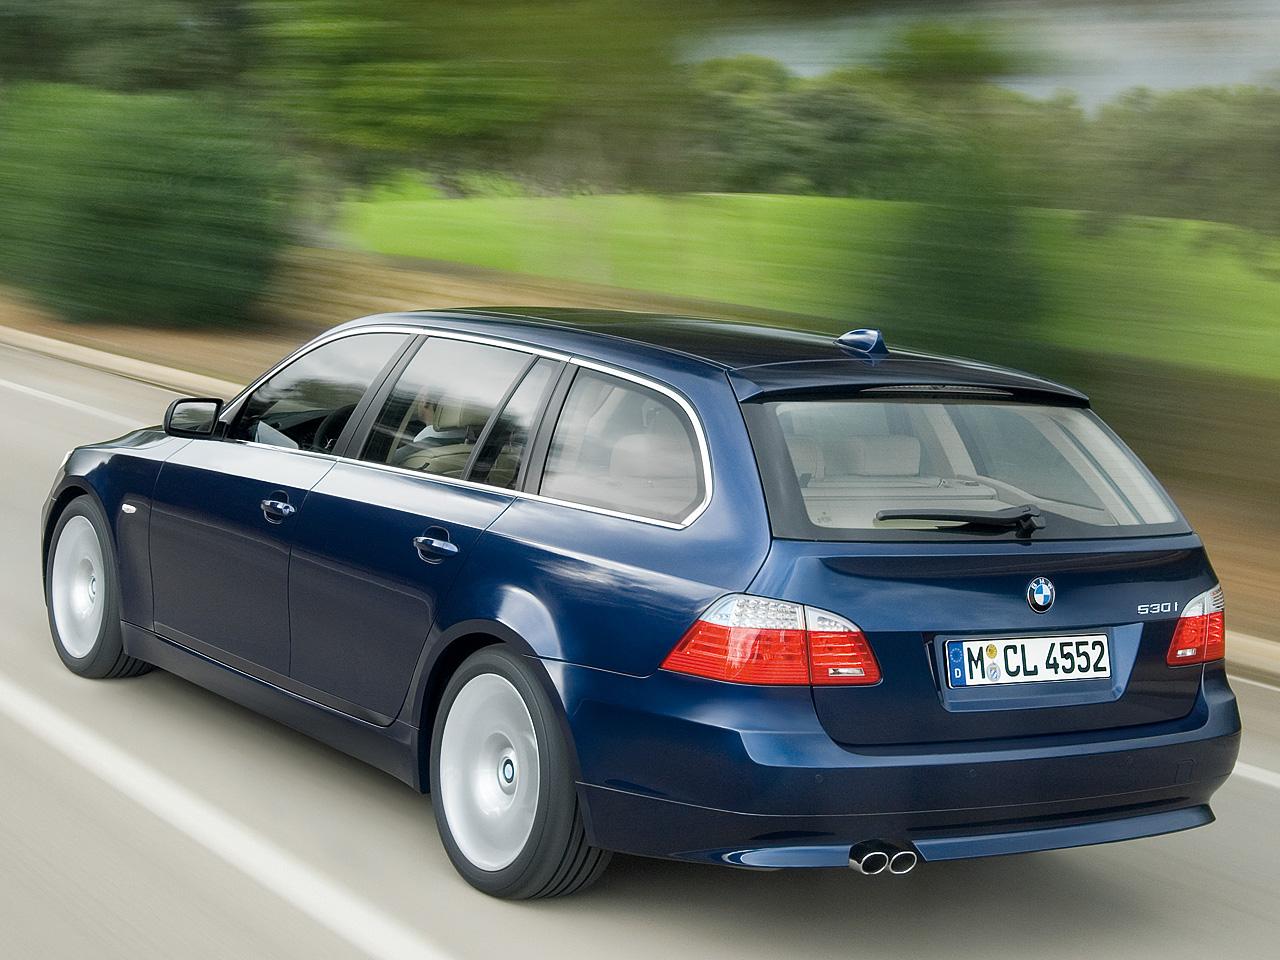 Bmw 5er E60f10 Gebrauchtwagen Kaufen Autozeitungde